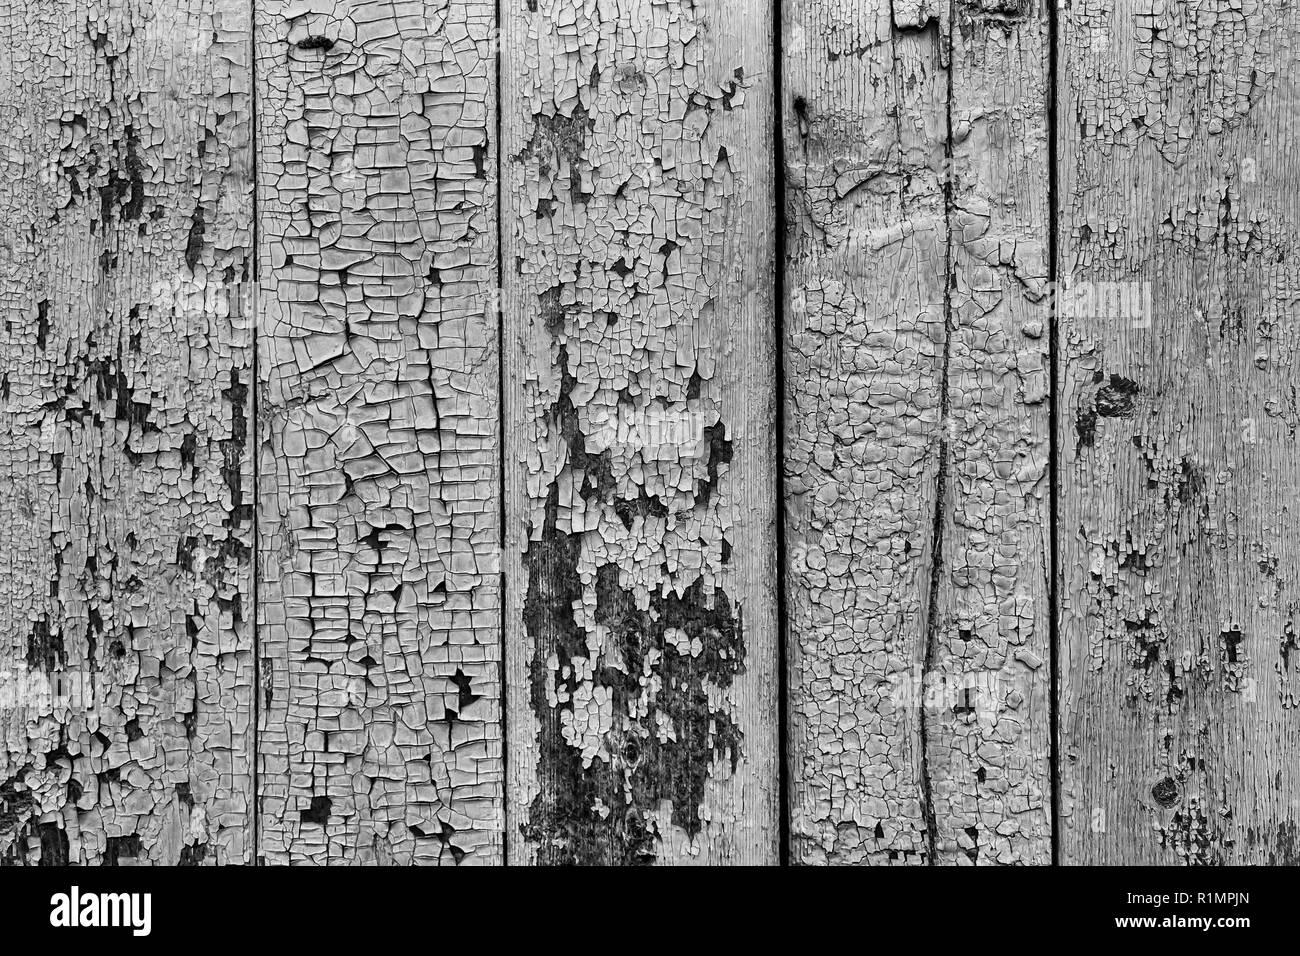 Legno Bianco E Nero : In bianco e nero legname muro legno sfondo plank vecchio